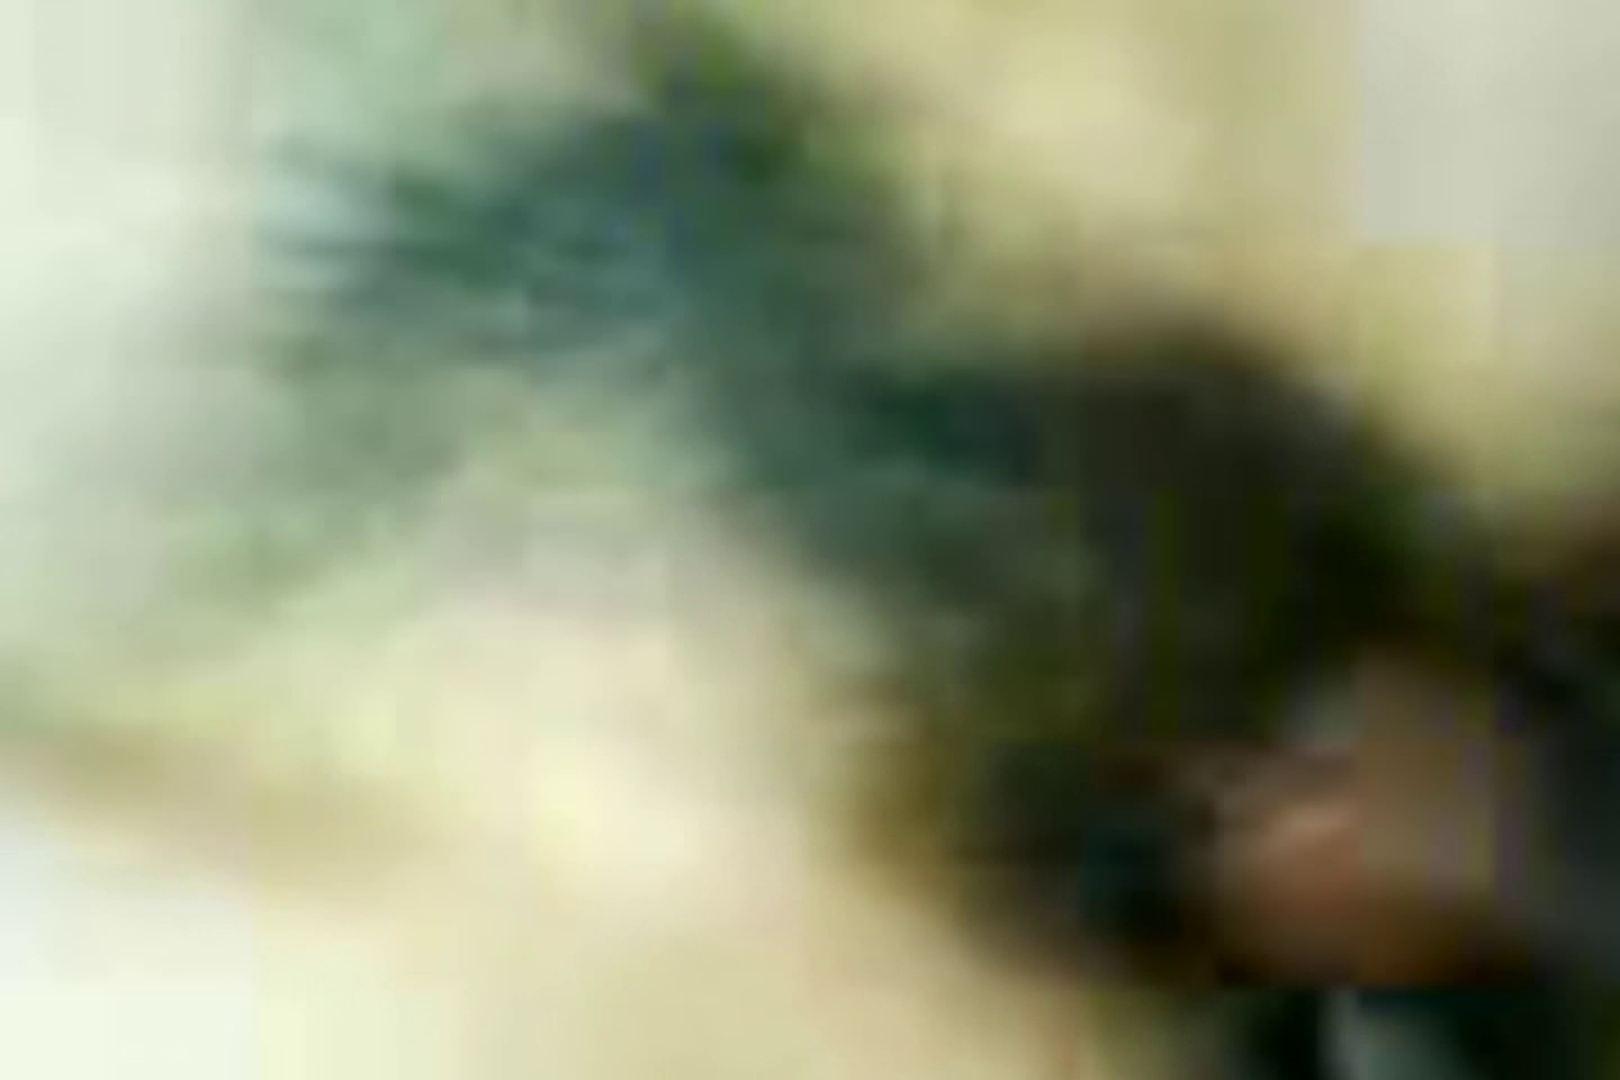 ウイルス流出 串田良祐と小学校教諭のハメ撮りアルバム 流出作品  74pic 42